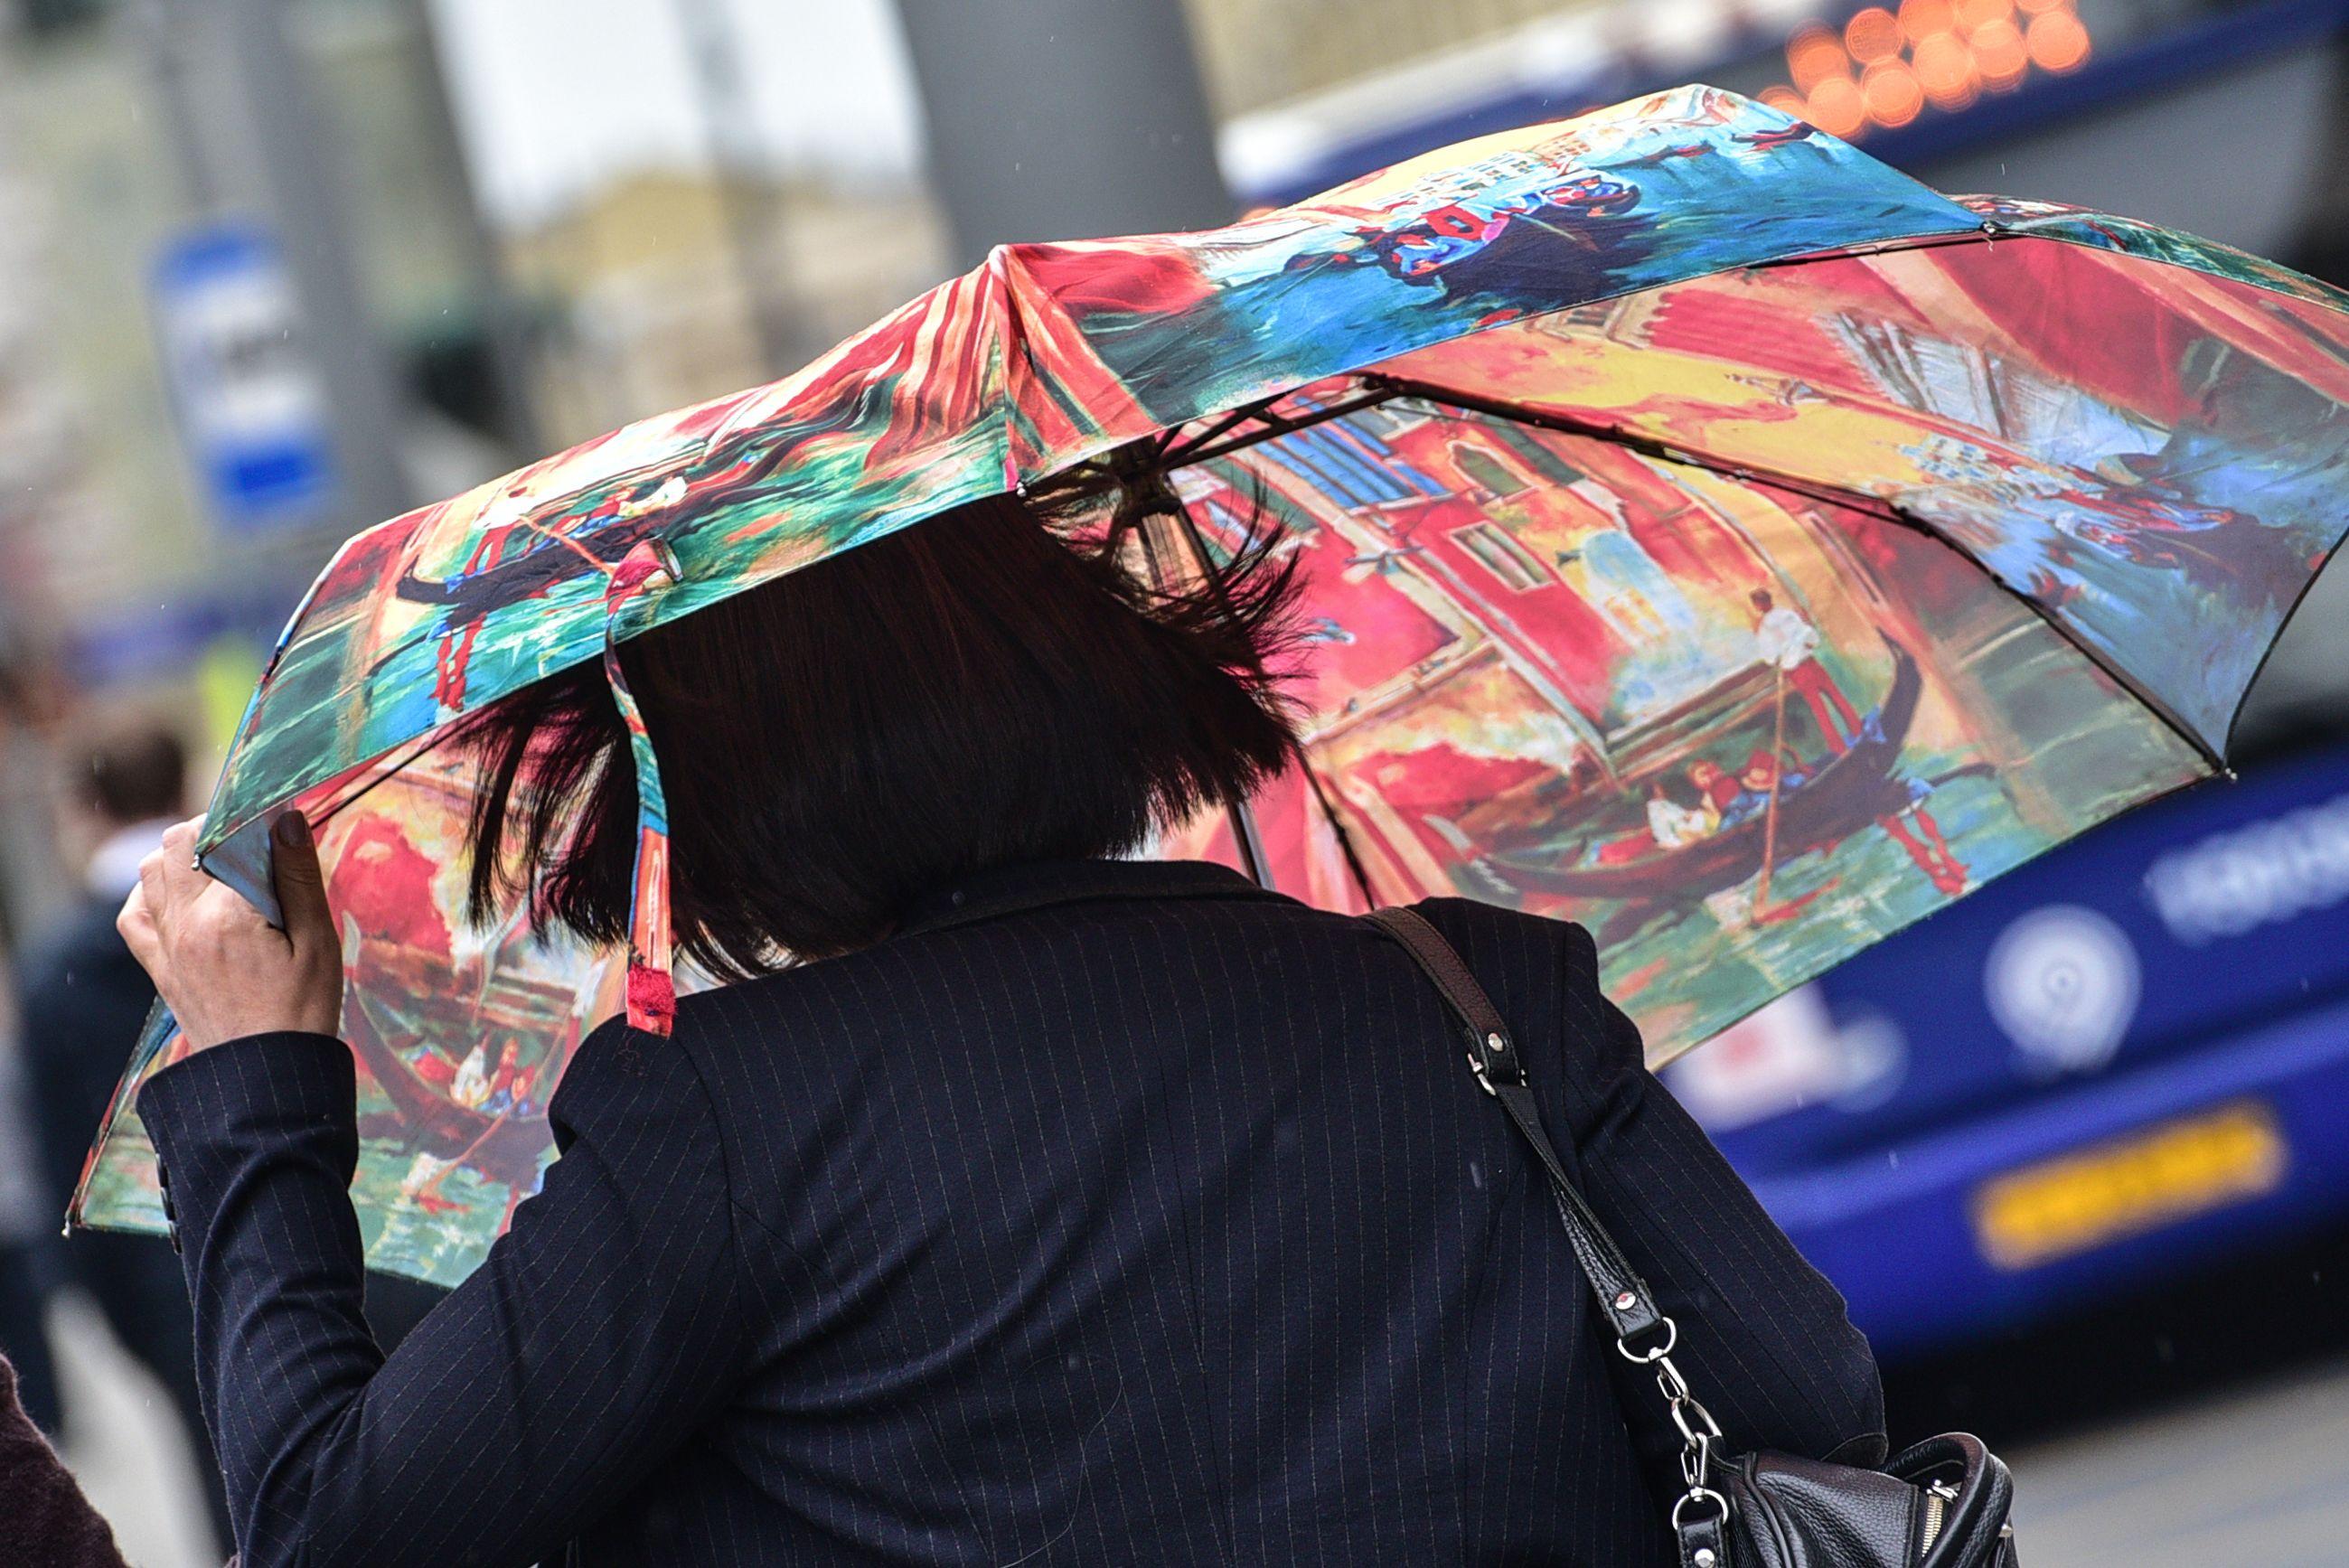 Синоптики Москвы предупредили о порывистом ветре